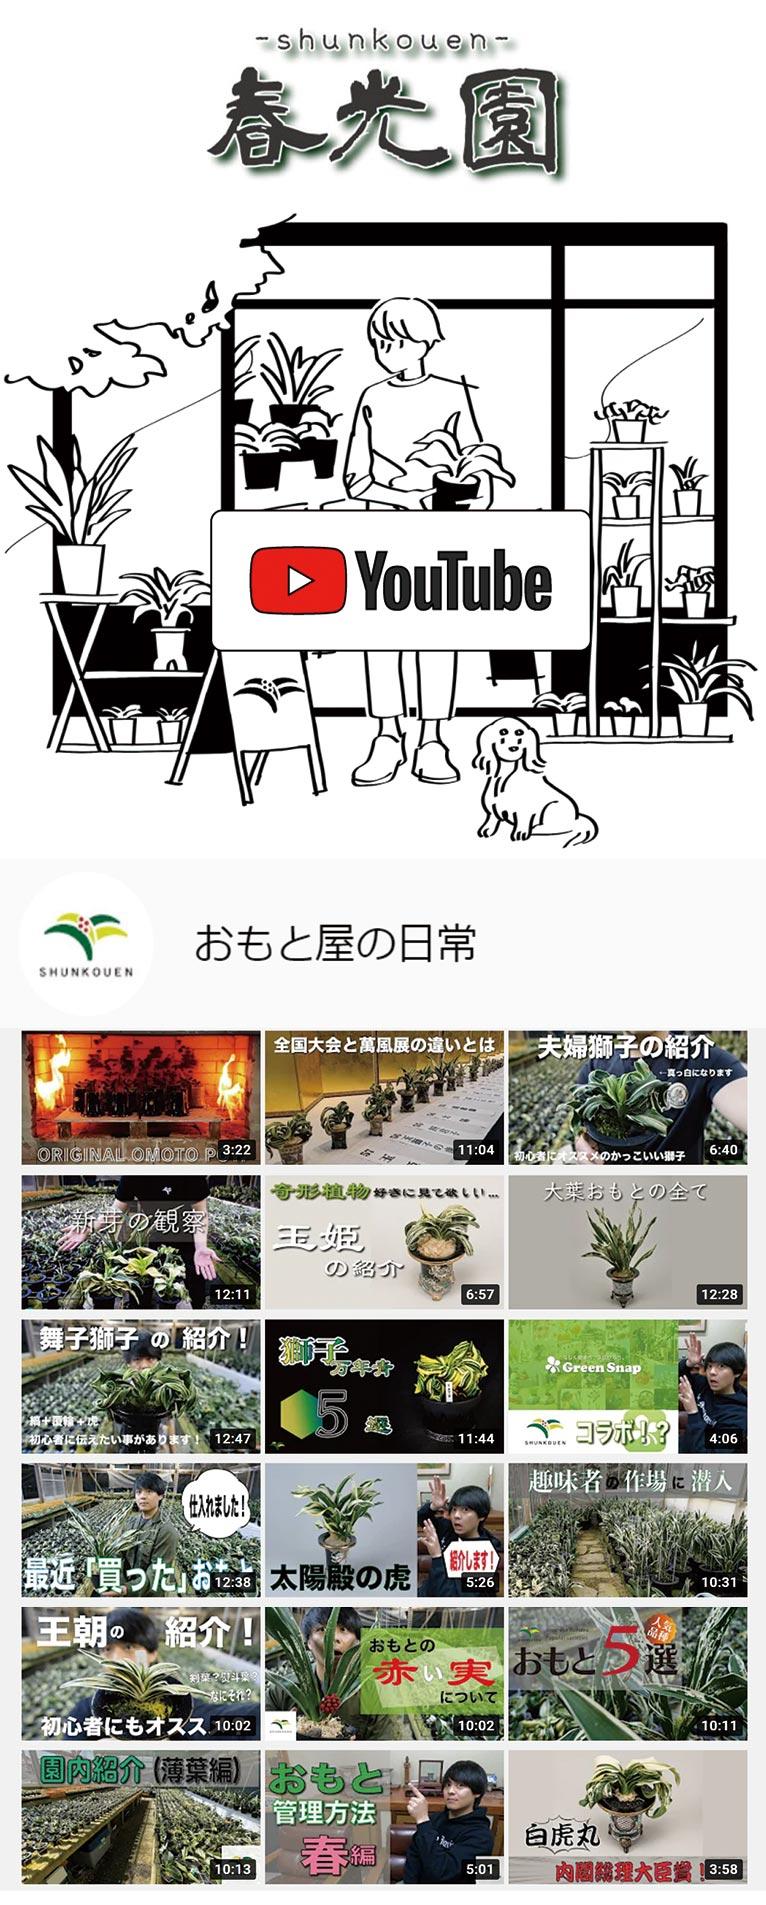 YouTubeを始めました!『おもと屋の日常』春光園